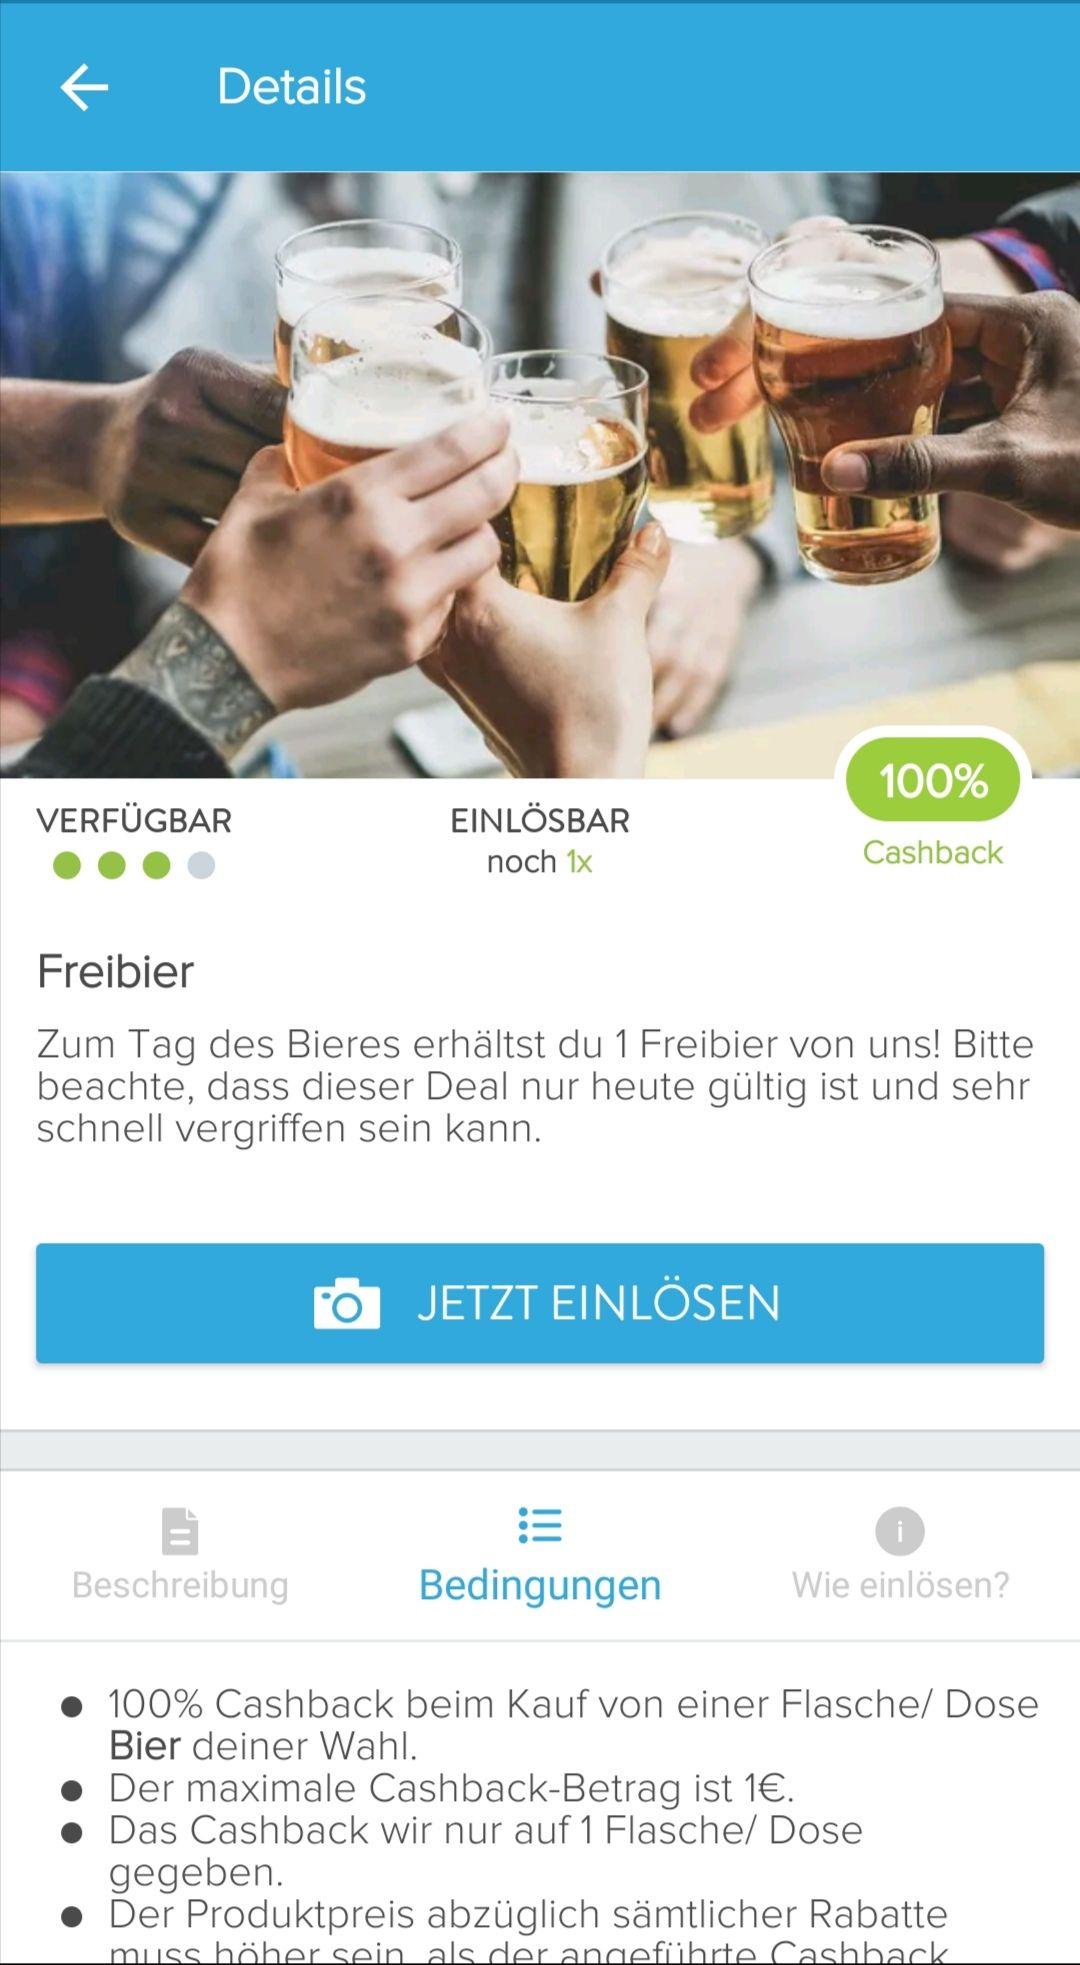 Freibier! 100% Cashback auf Bier nach Wahl via [ Marktguru]